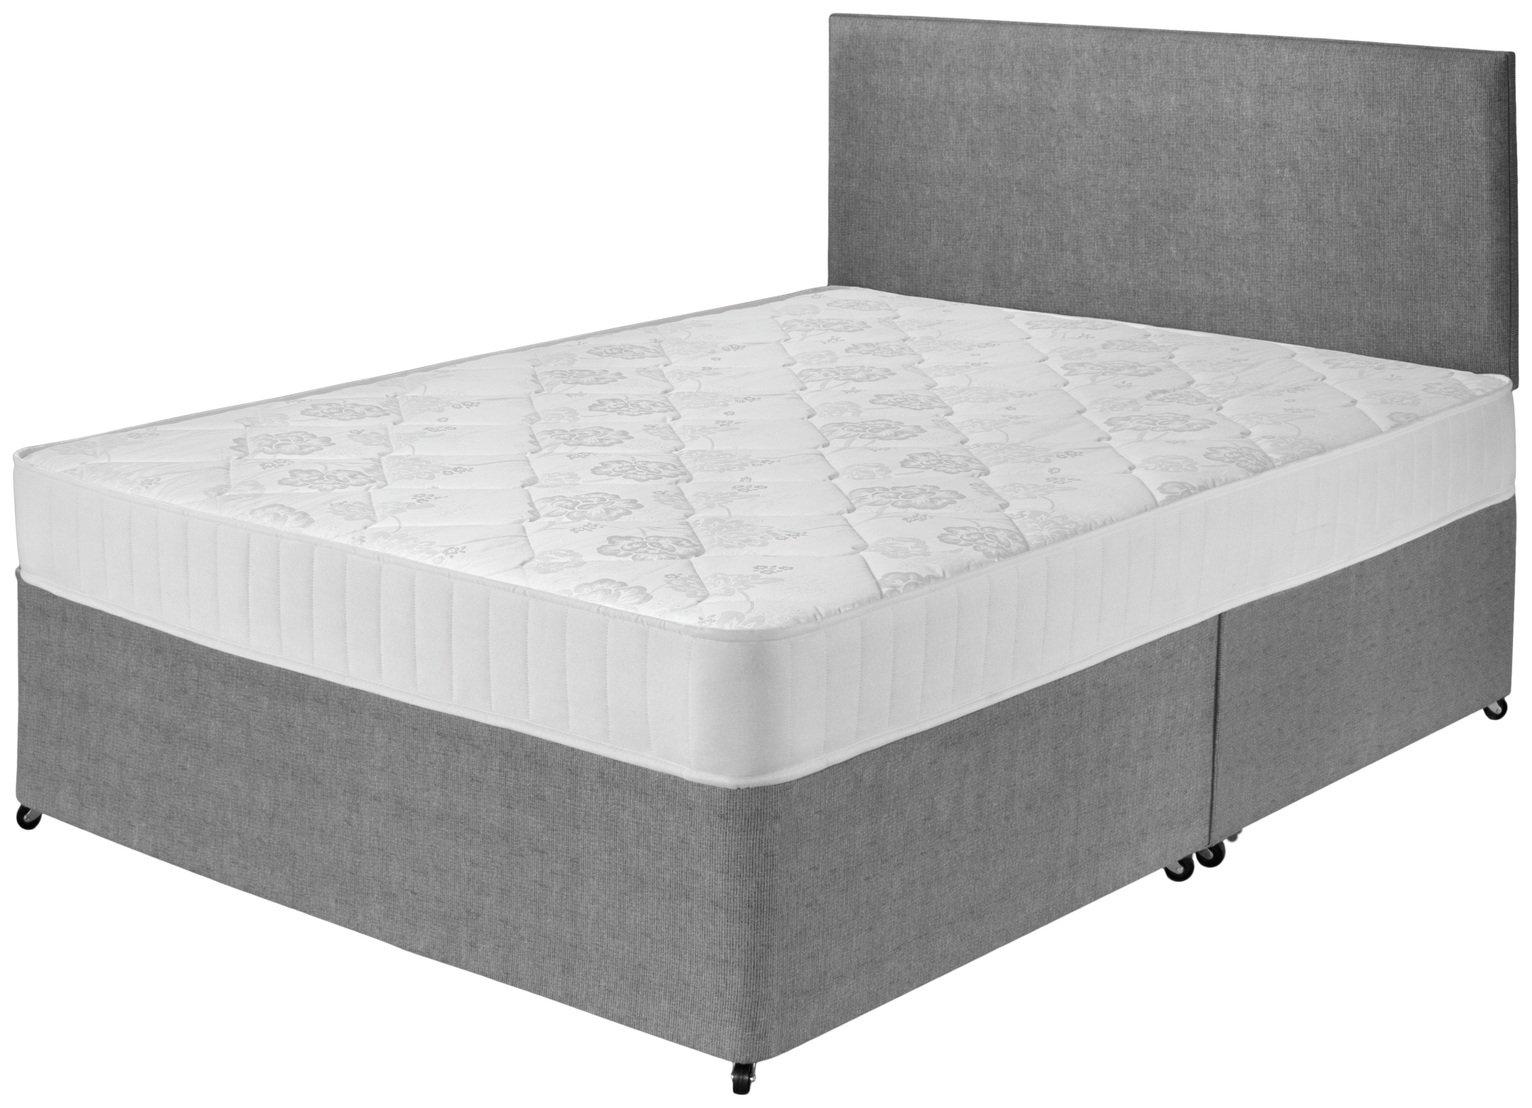 Airsprung Elmdon Comfort Divan Bed - Double